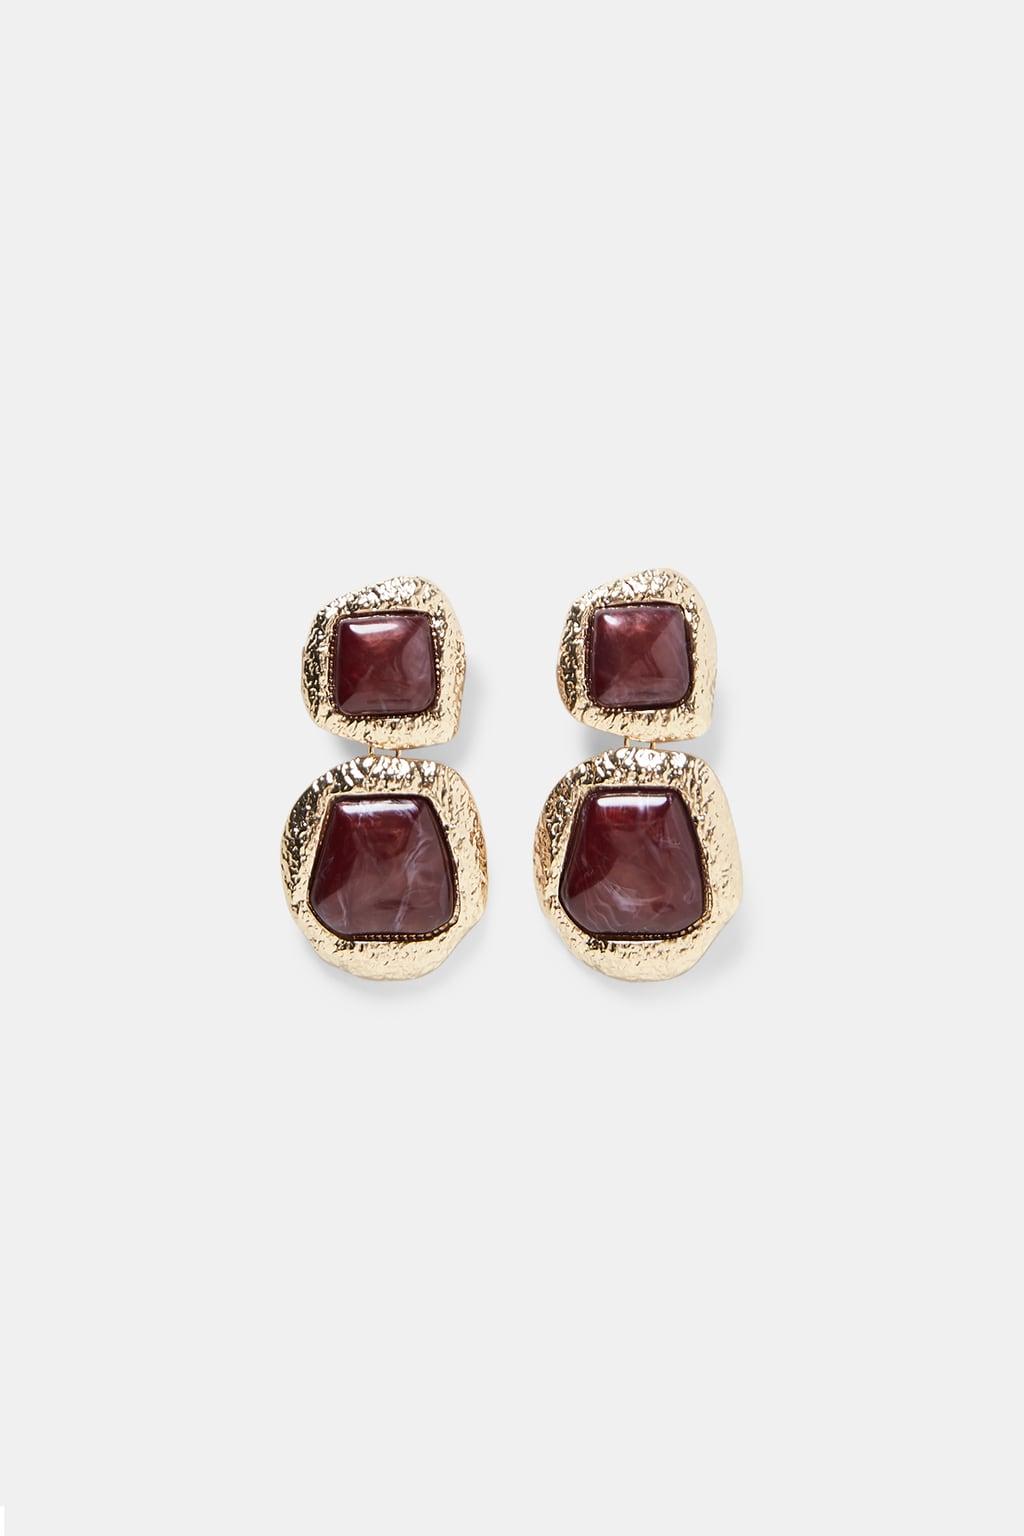 From Zara, before 12.99 GBP, now 9.99 GBP. Get them  here .  Photo: www.zara.com